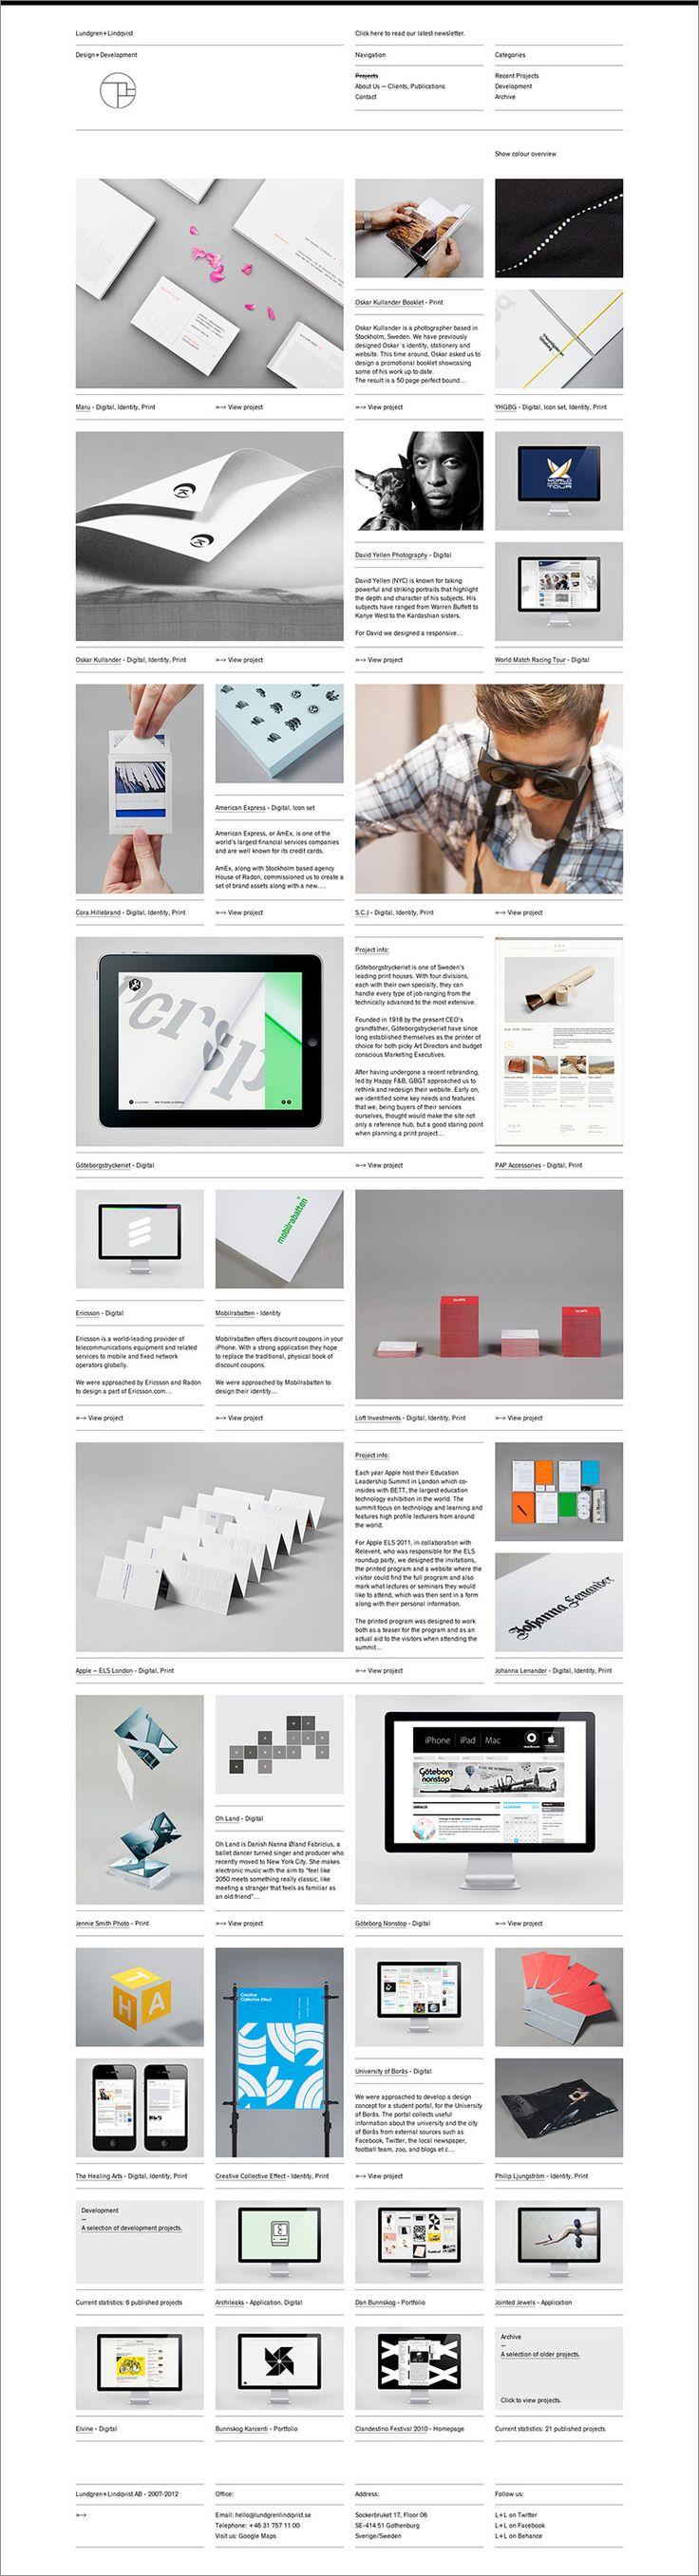 47 best ui ux design images on pinterest interface design lundgrenlindqvist website 1betcityfo Images